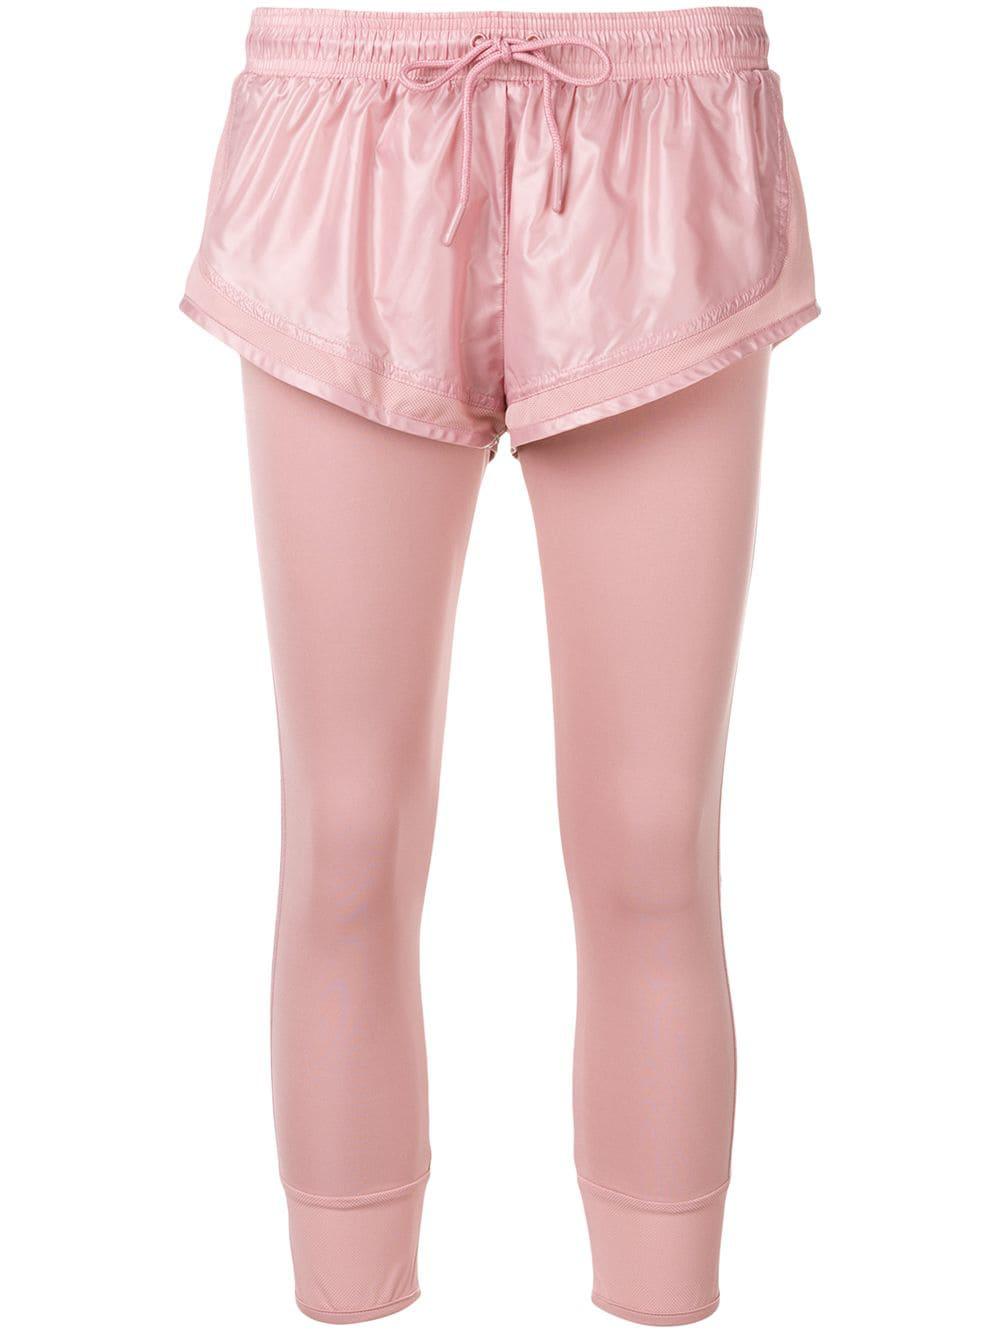 08fc3606c2b Adidas By Stella Mccartney Performance Essentials Leggings - Pink ...